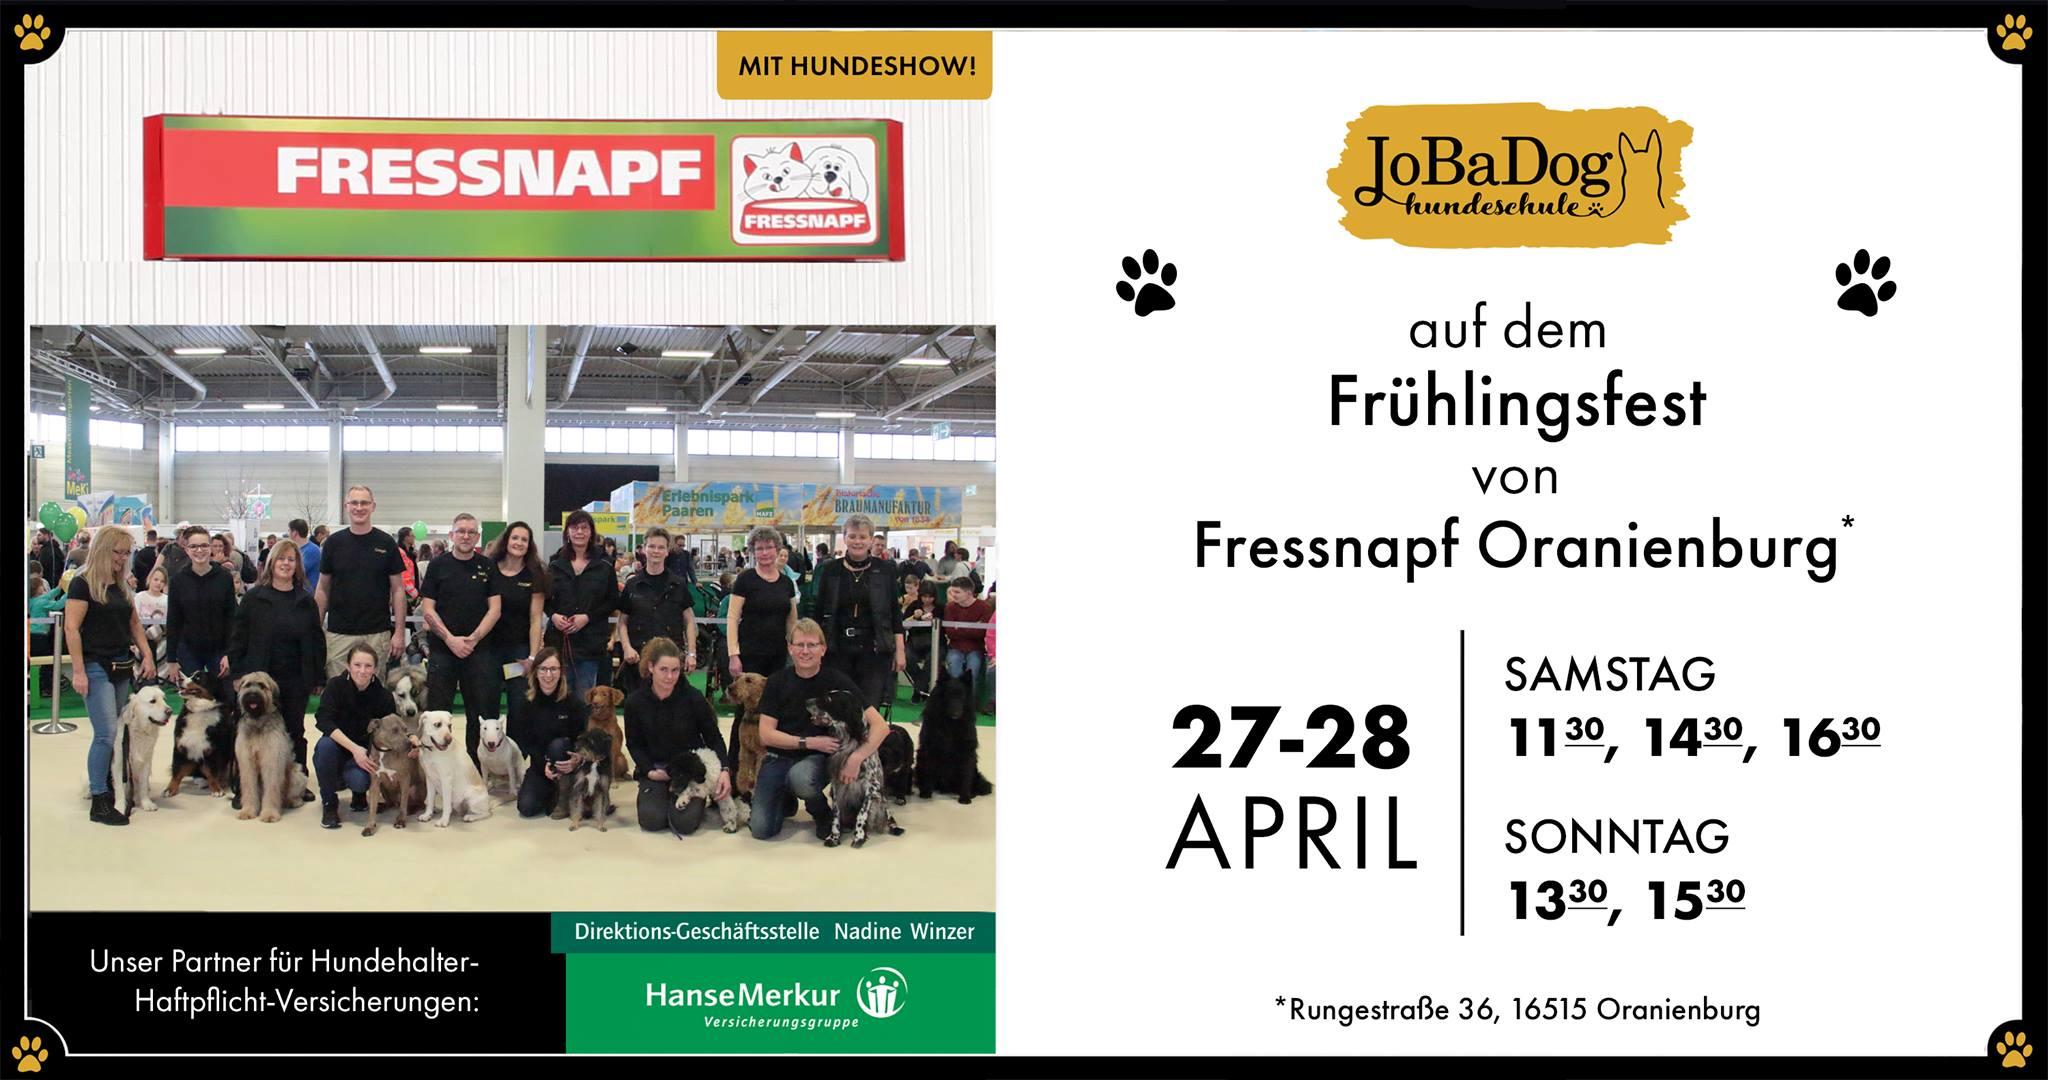 JoBaDog_Fruehlingsfest_Fressnapf_Oranienburg.jpg